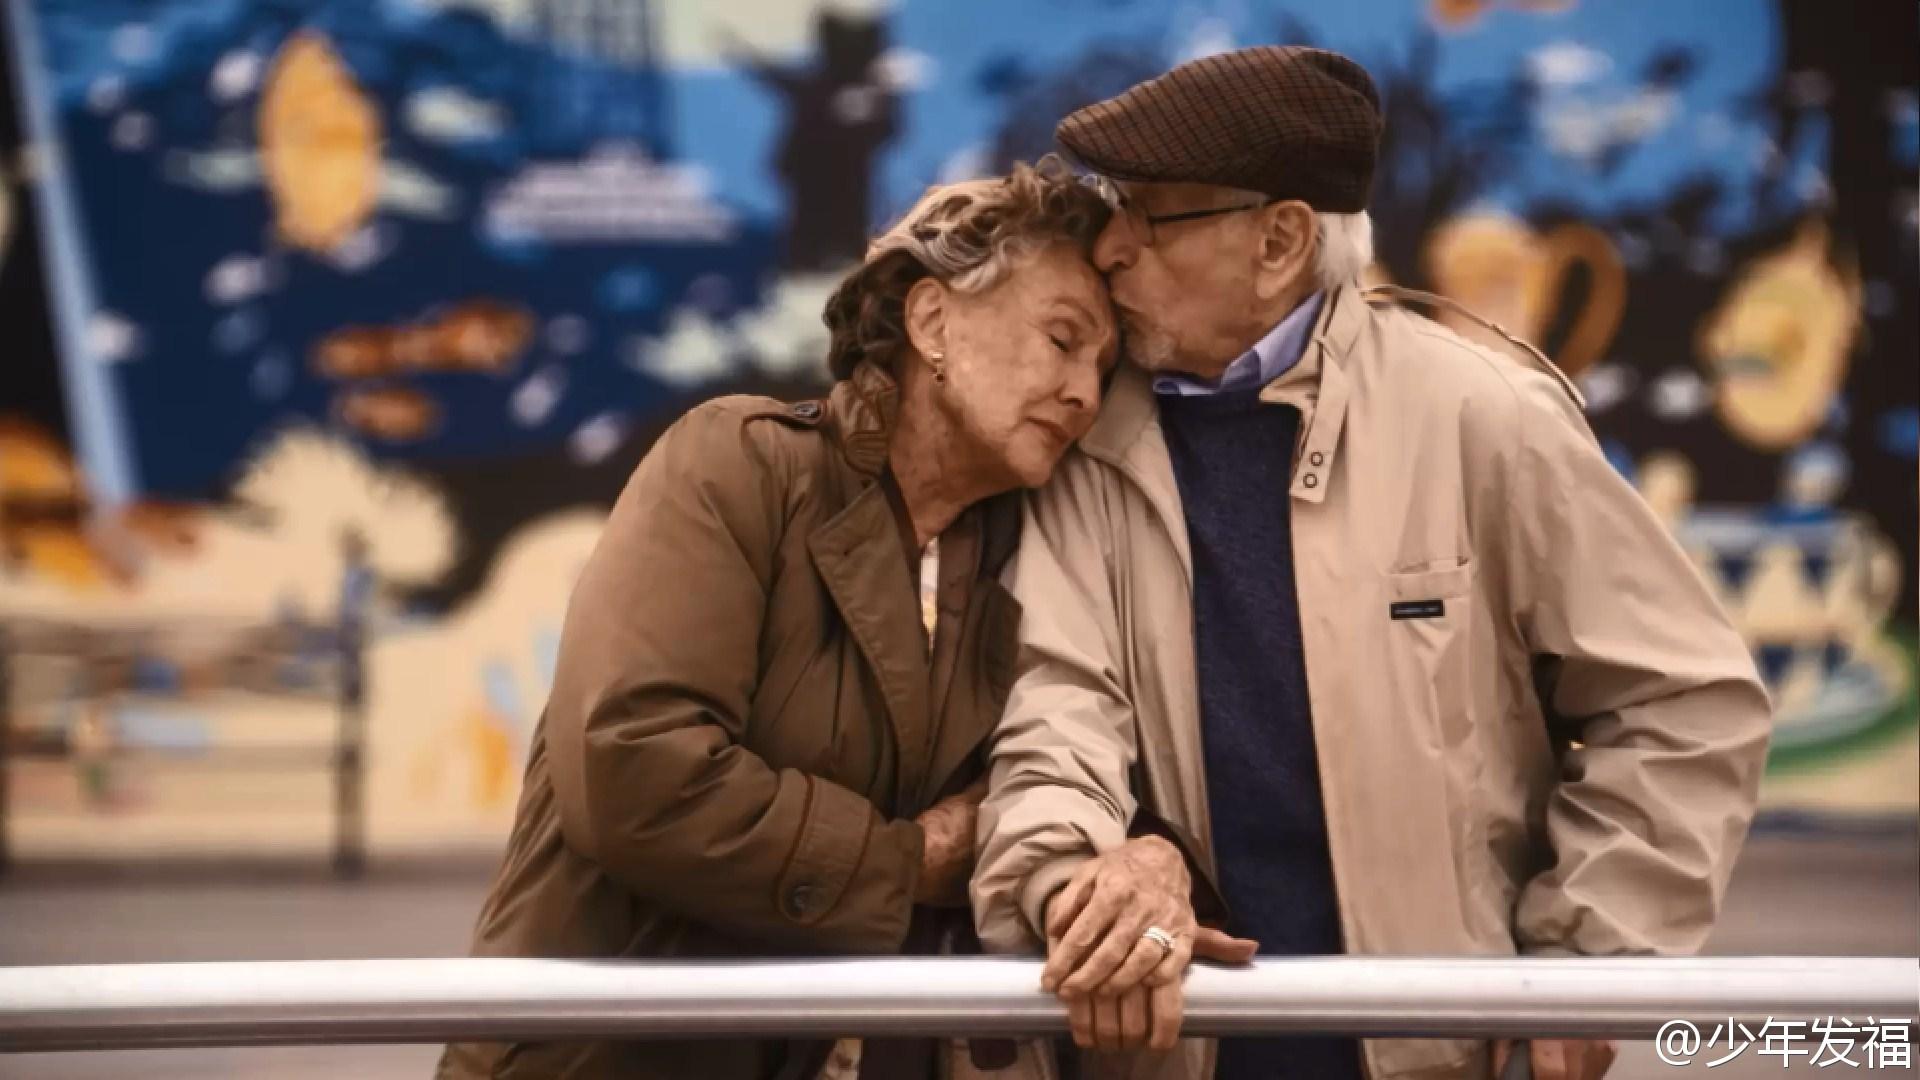 pareja de ancianos abrazados dandose beso en la frente